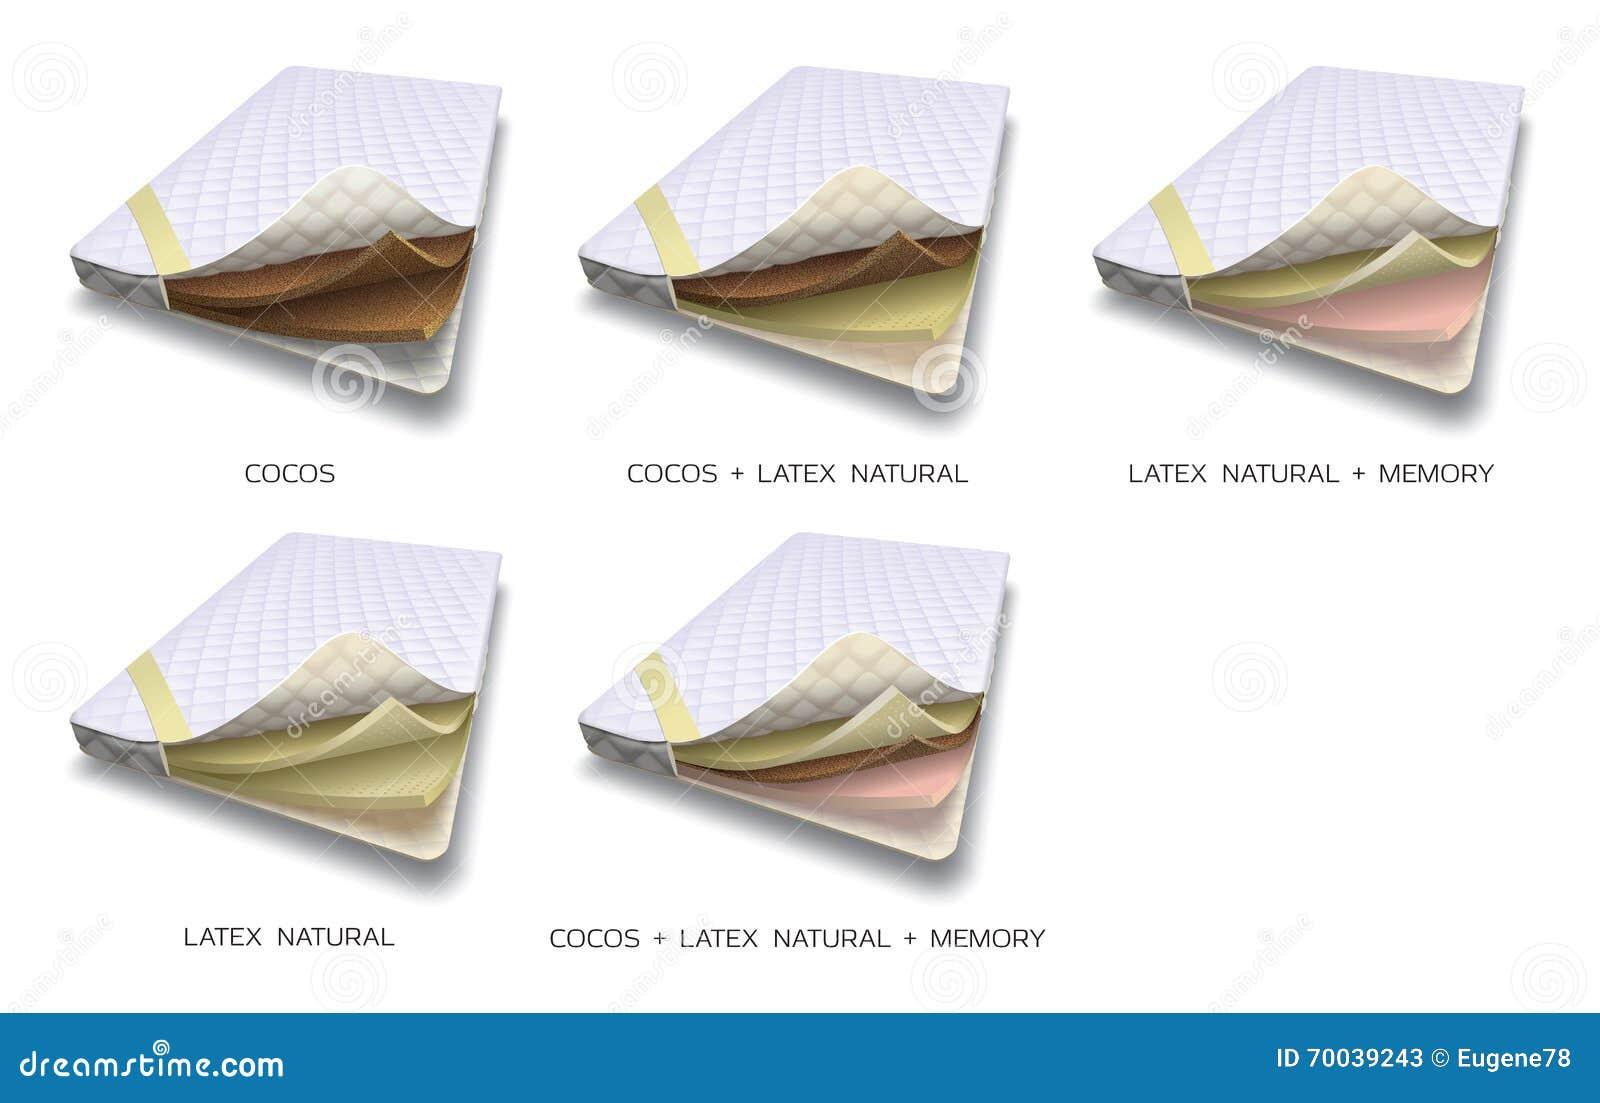 Materassi superiori messi